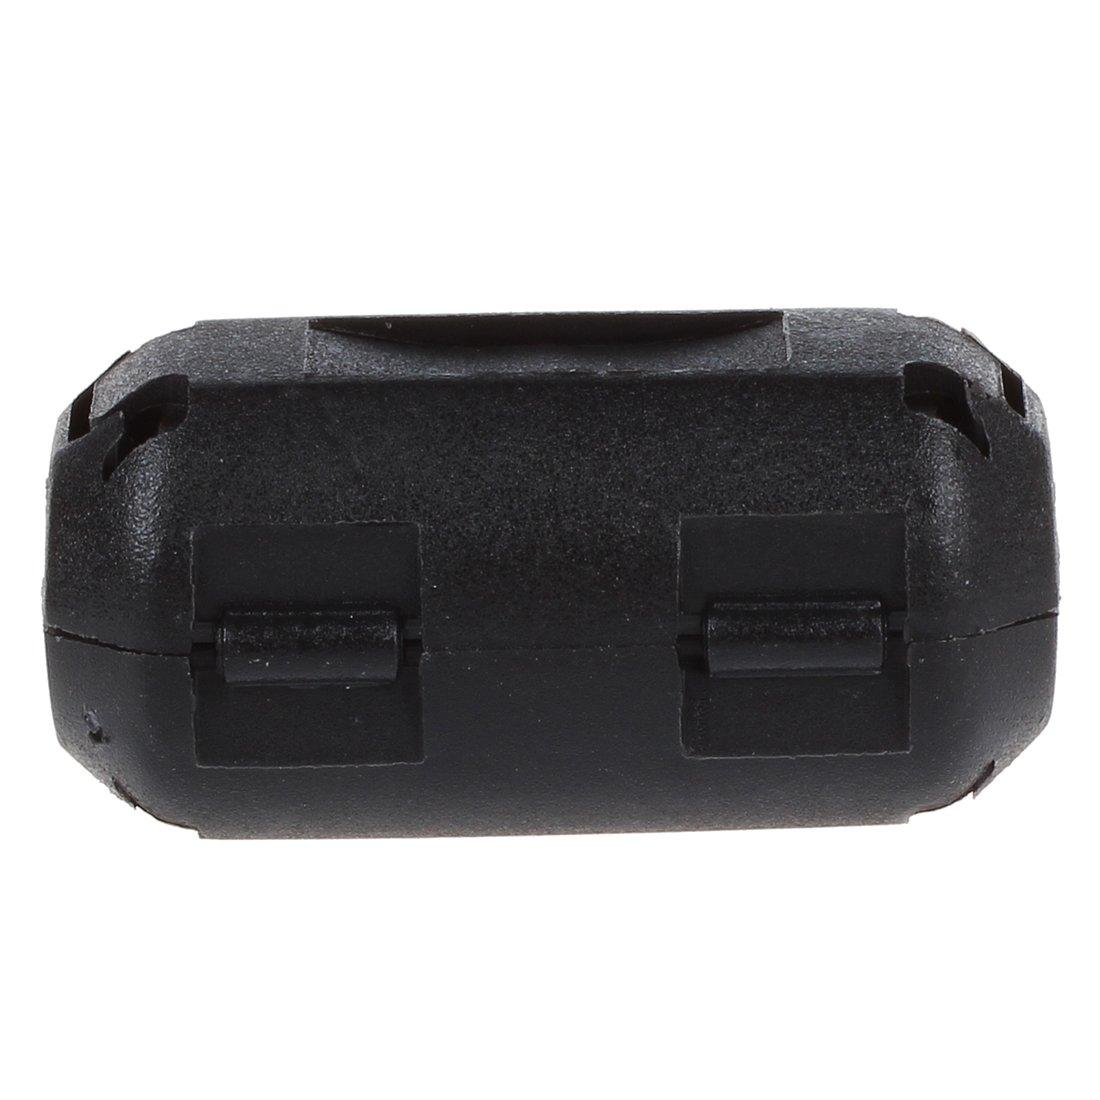 SODIAL(R) 5 Piezas de 5mm Diametro EMI RFI Filtro de Ruido con Nucleo de Ferrita: Amazon.es: Electrónica